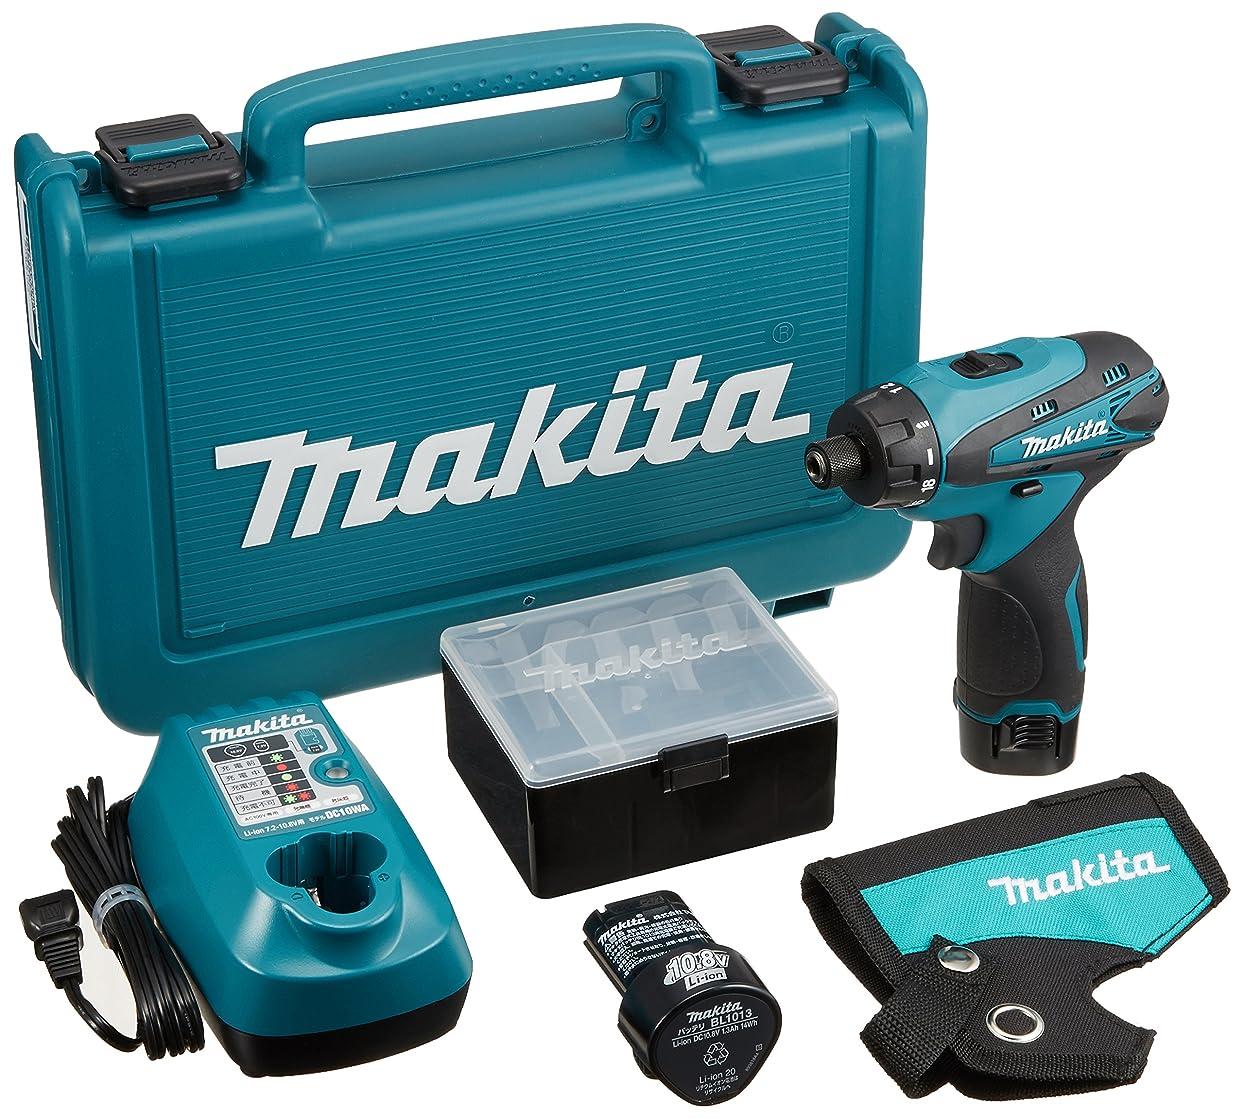 修士号錆びファイバマキタ(Makita)  充電式ドライバドリル 10.8V 1.3Ah バッテリー2個付き DF030DWX